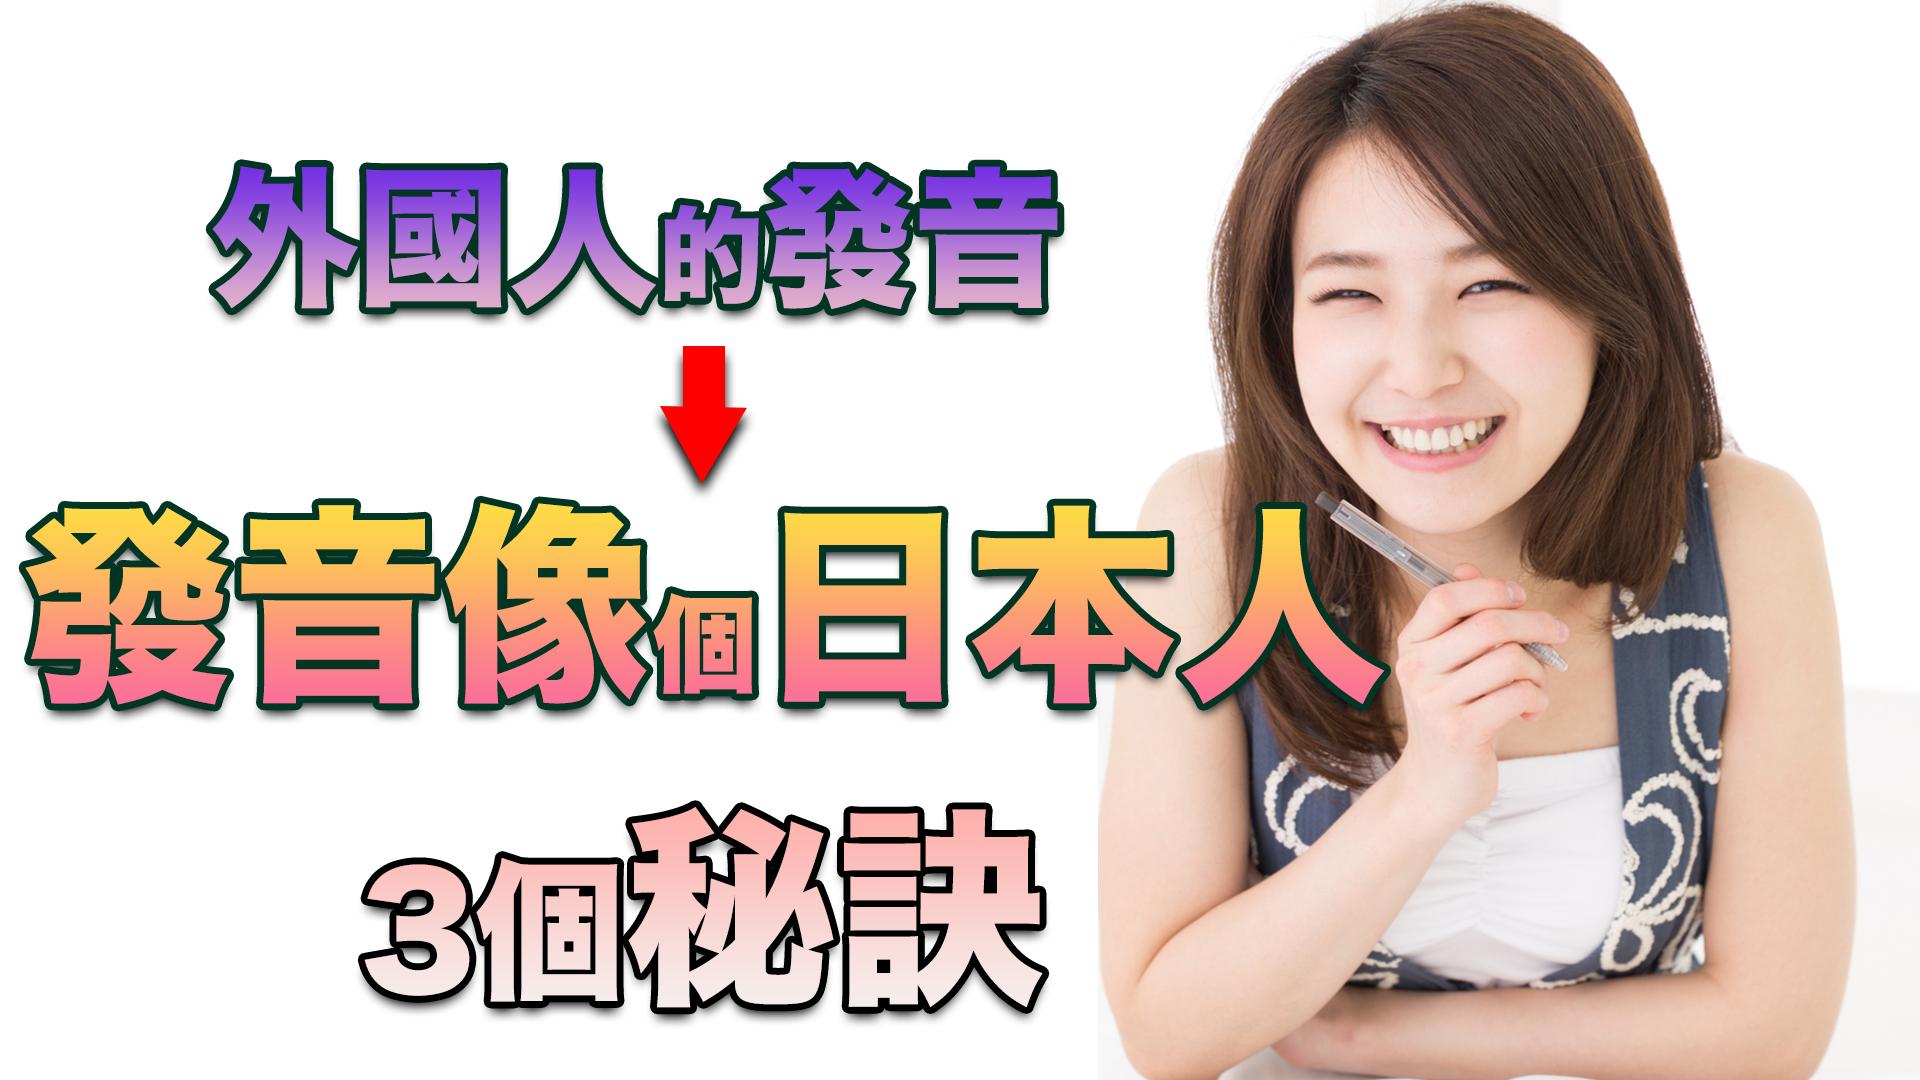 利用3個秘訣,幫助你揮別外國人的發音, 讓你的發音像個「日本人」!/「外国人発音」から脱却して「日本人発音」にする3つのポイント